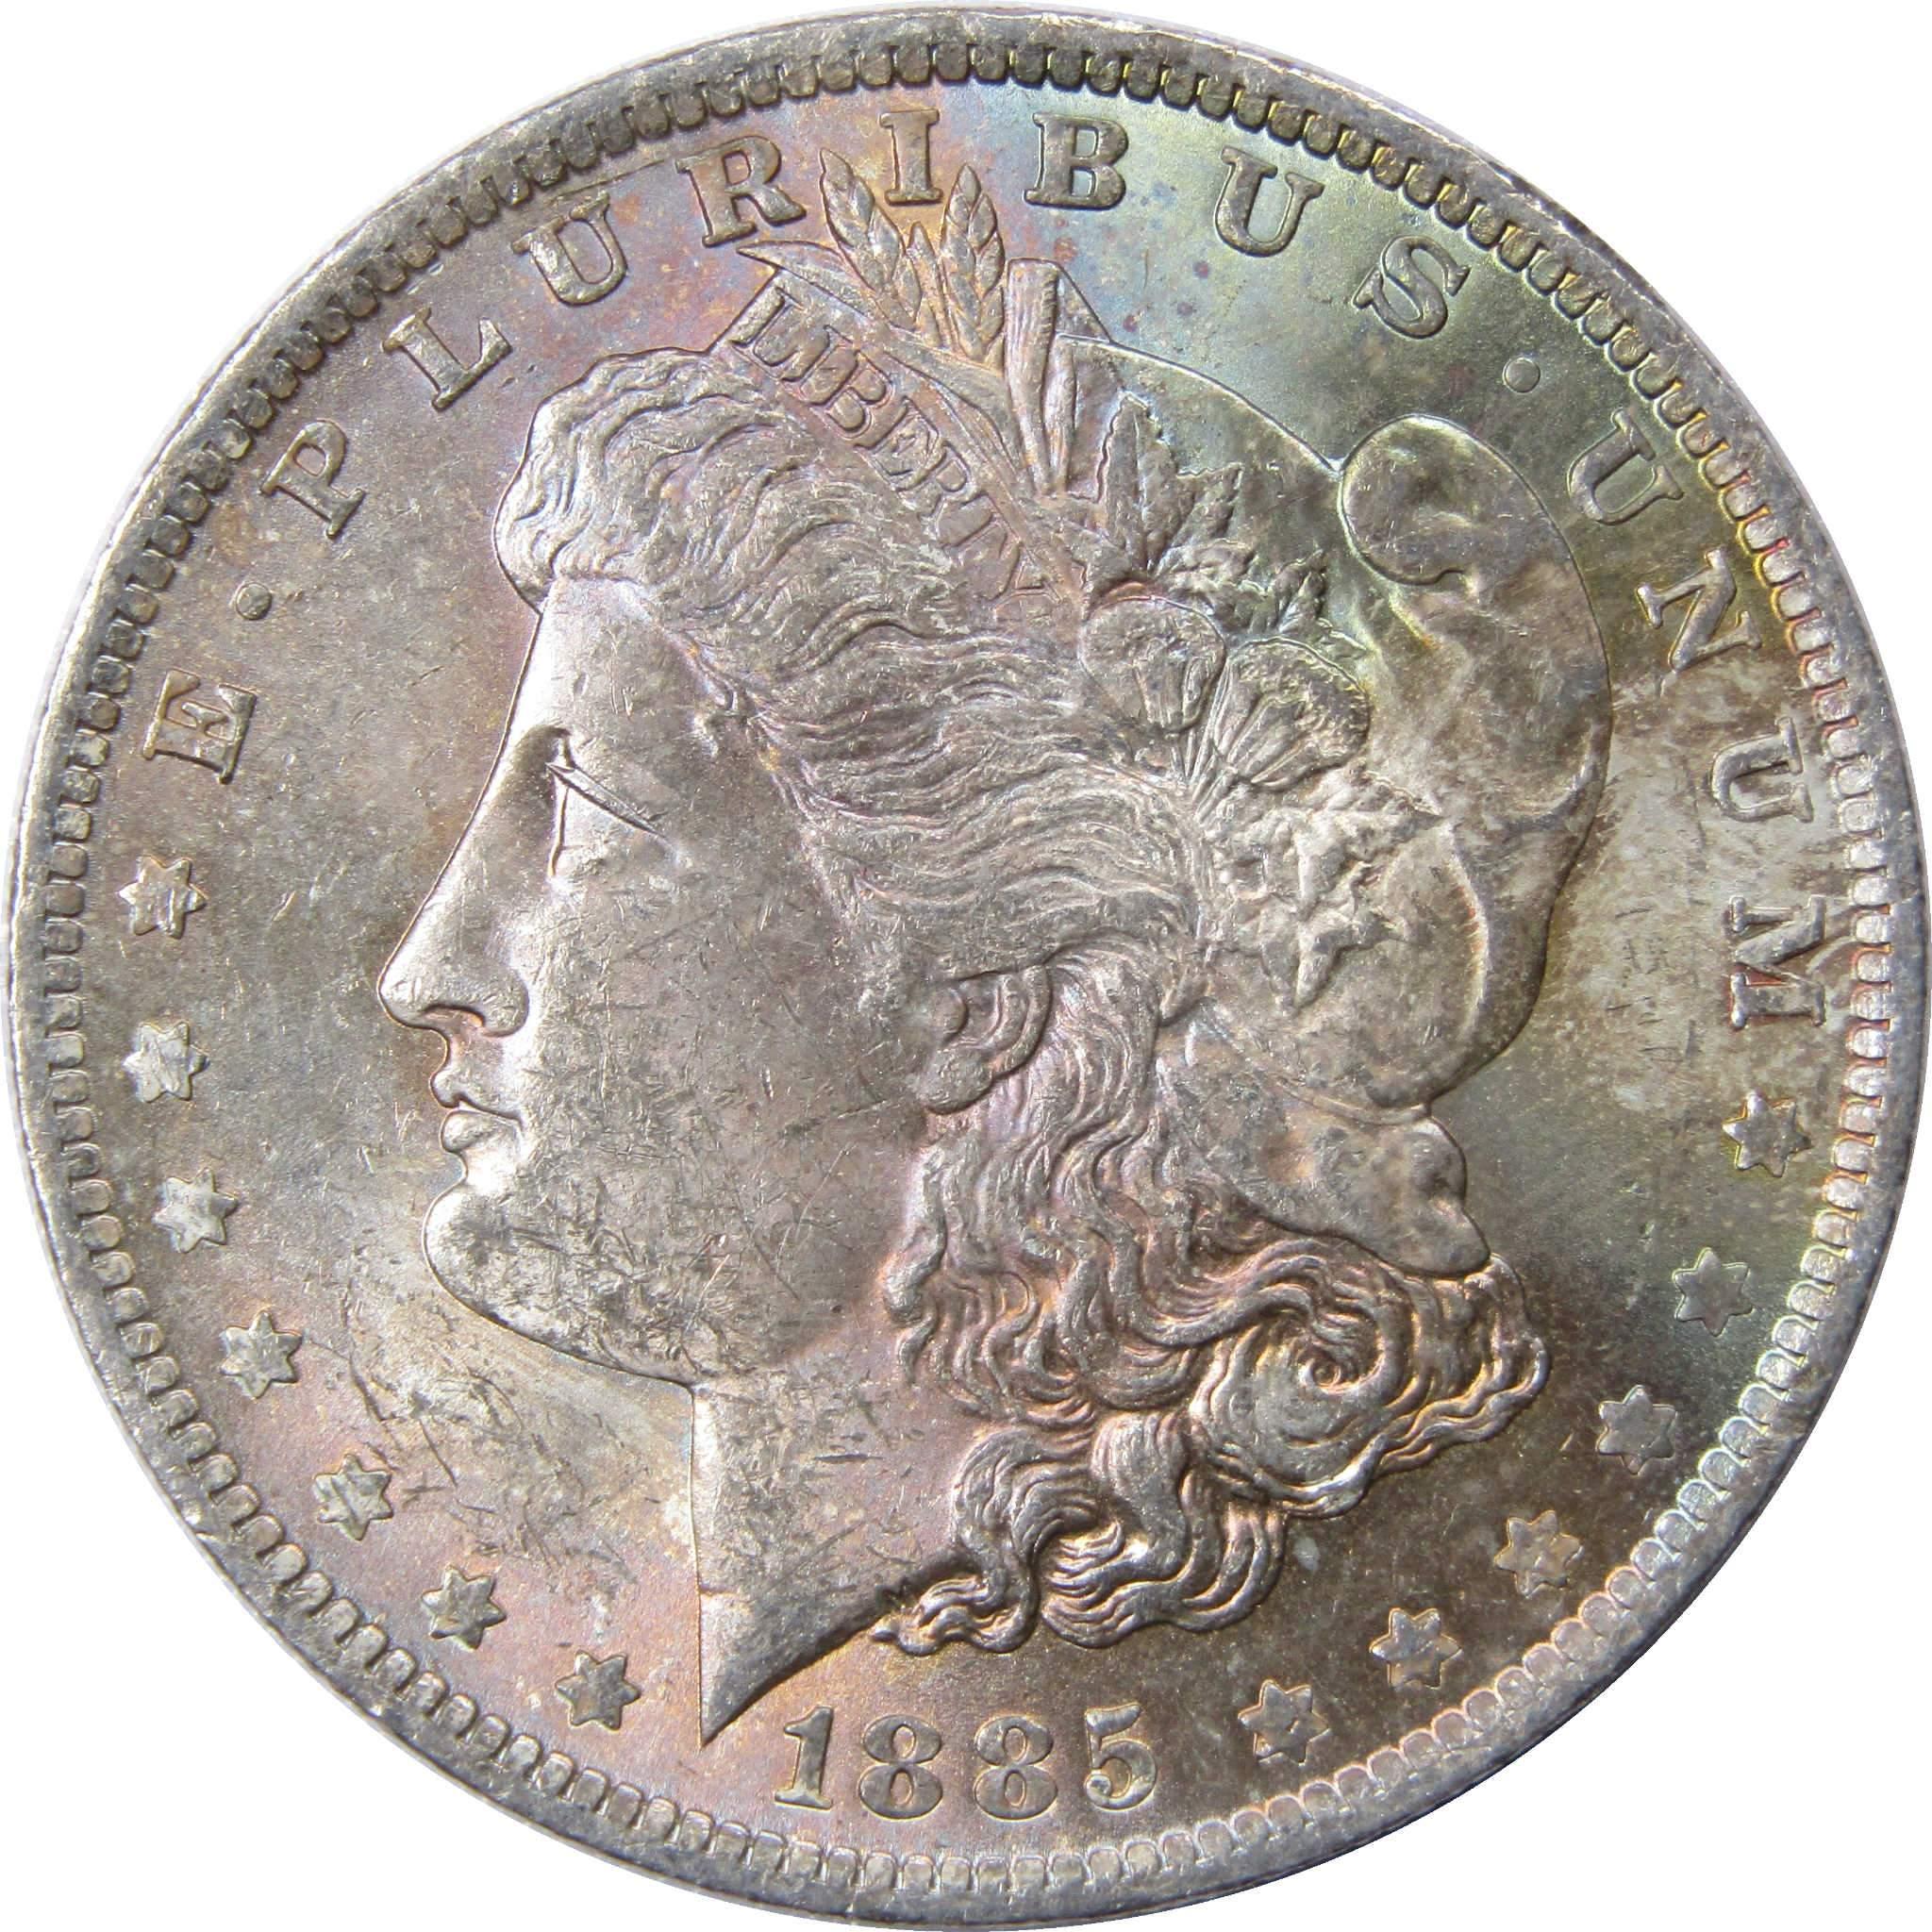 1885 dollar coin